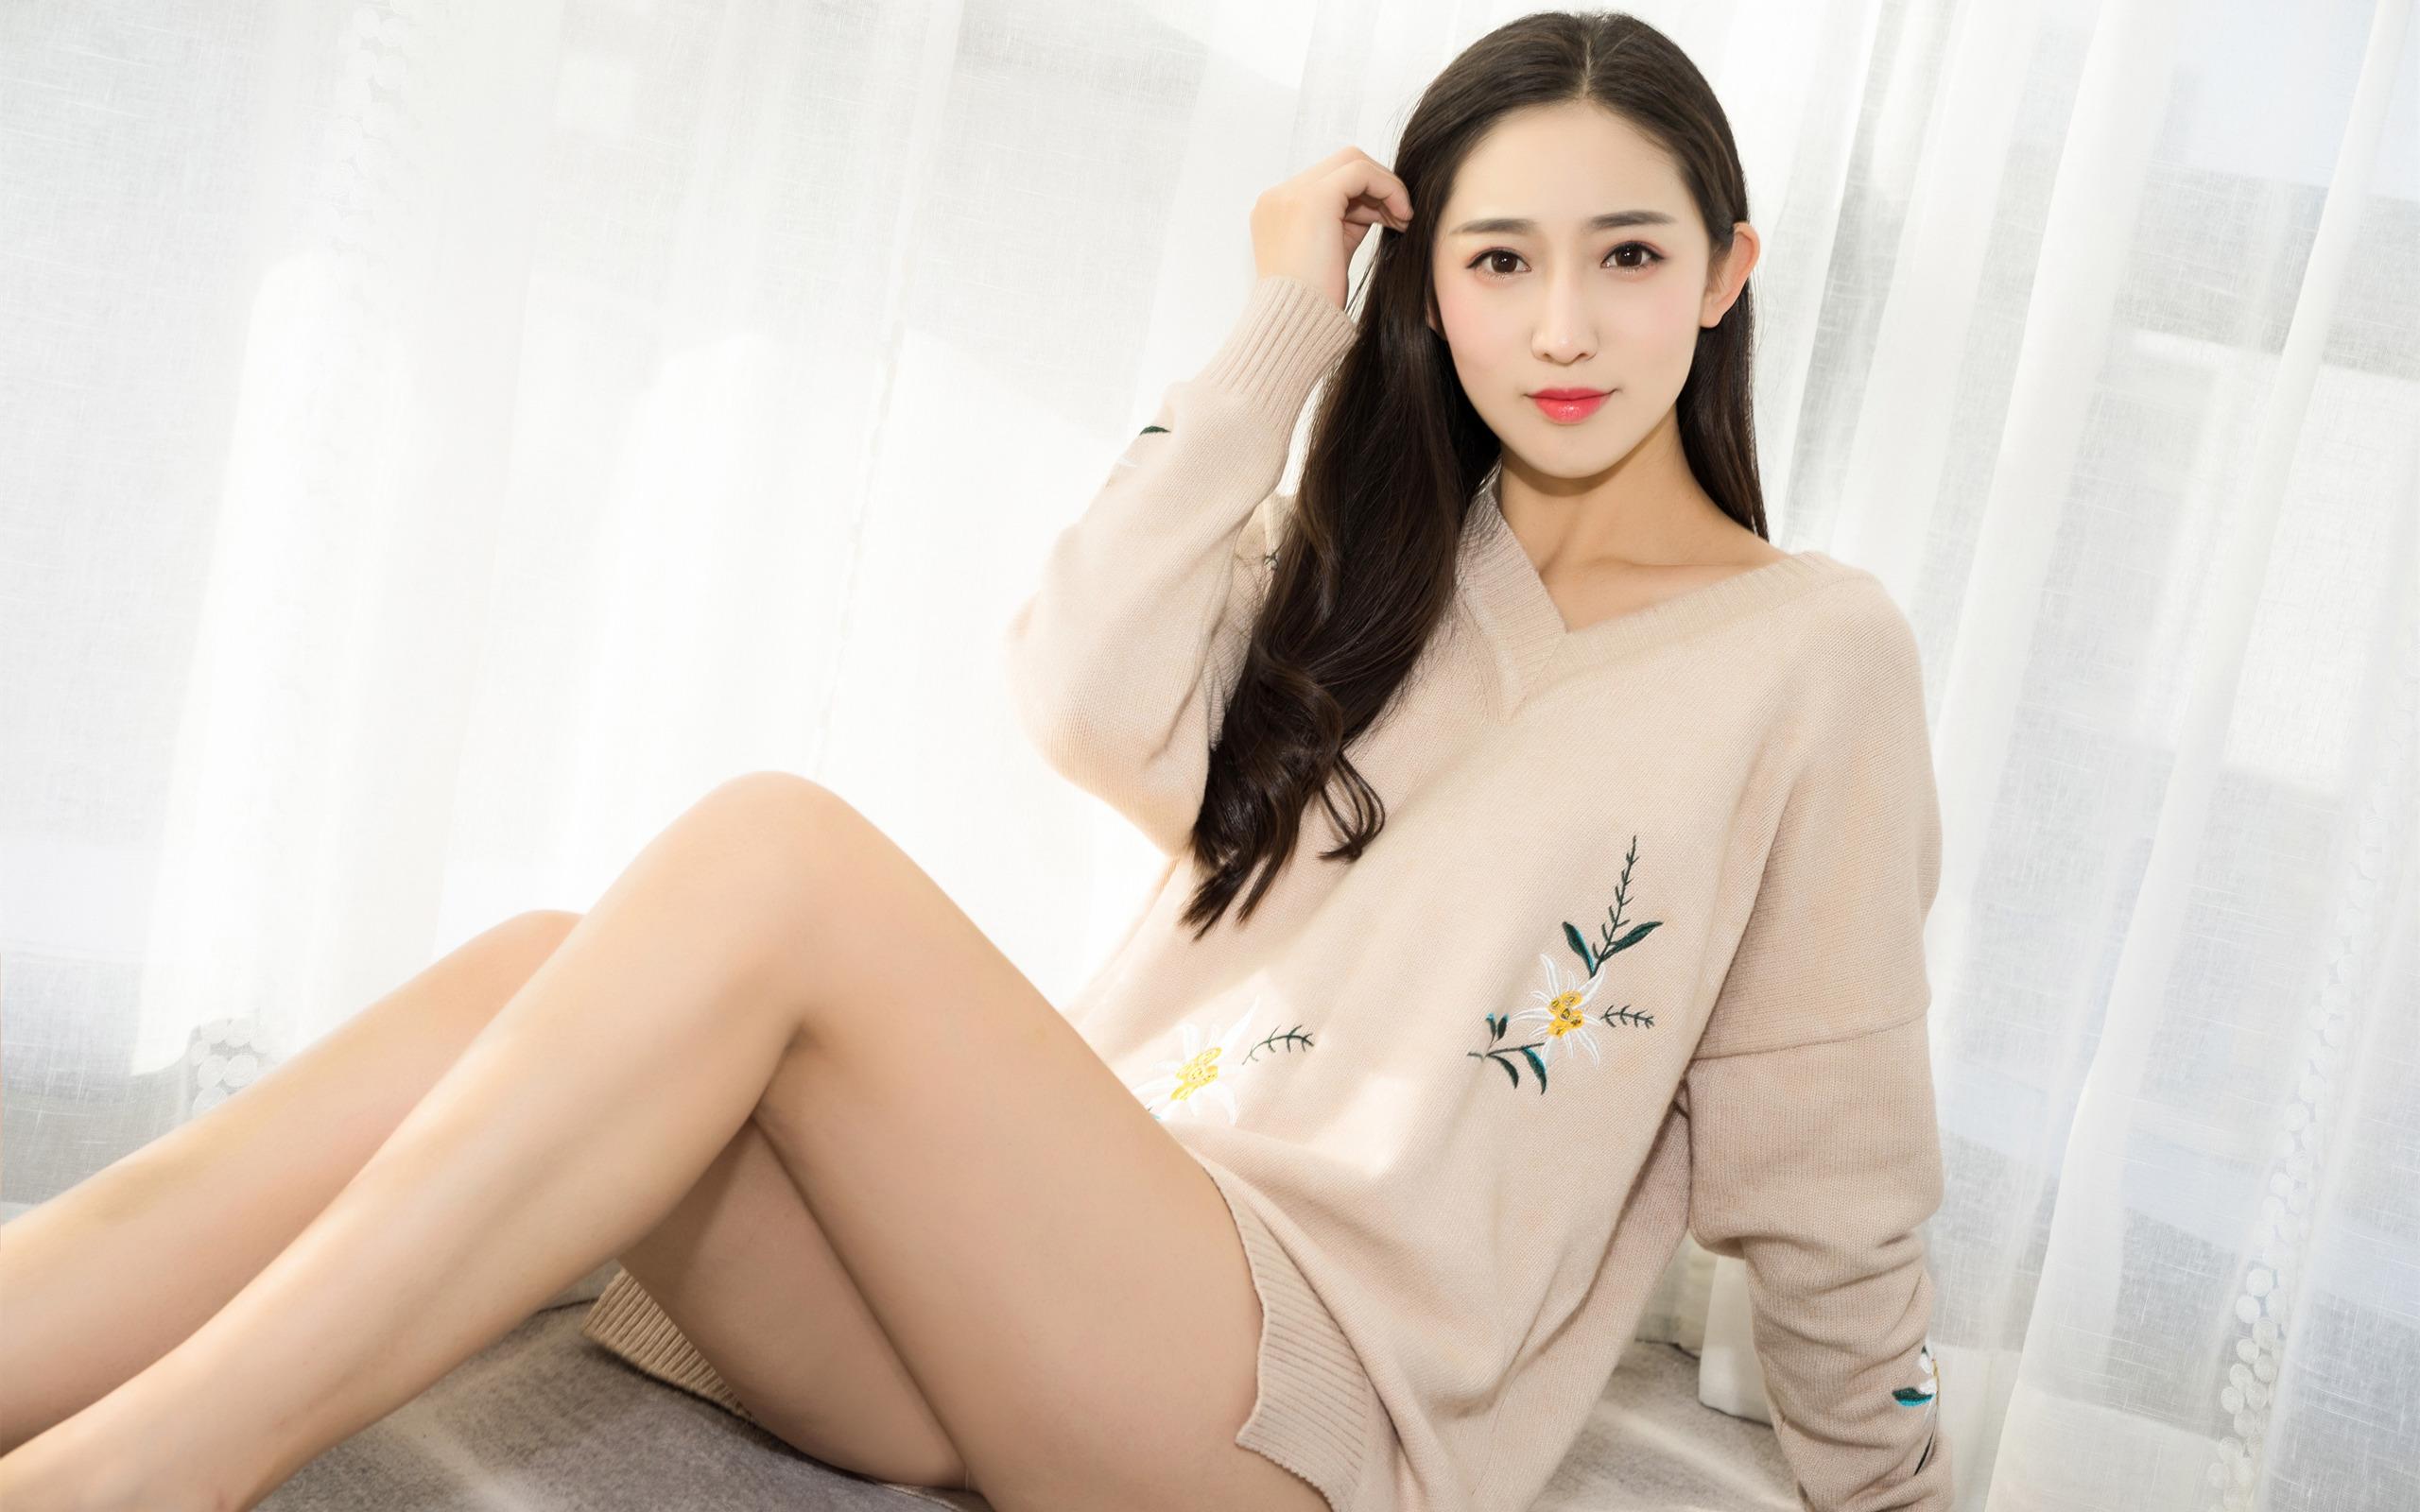 美女模特,丝袜美腿,毛衣,长发,性感,大长腿